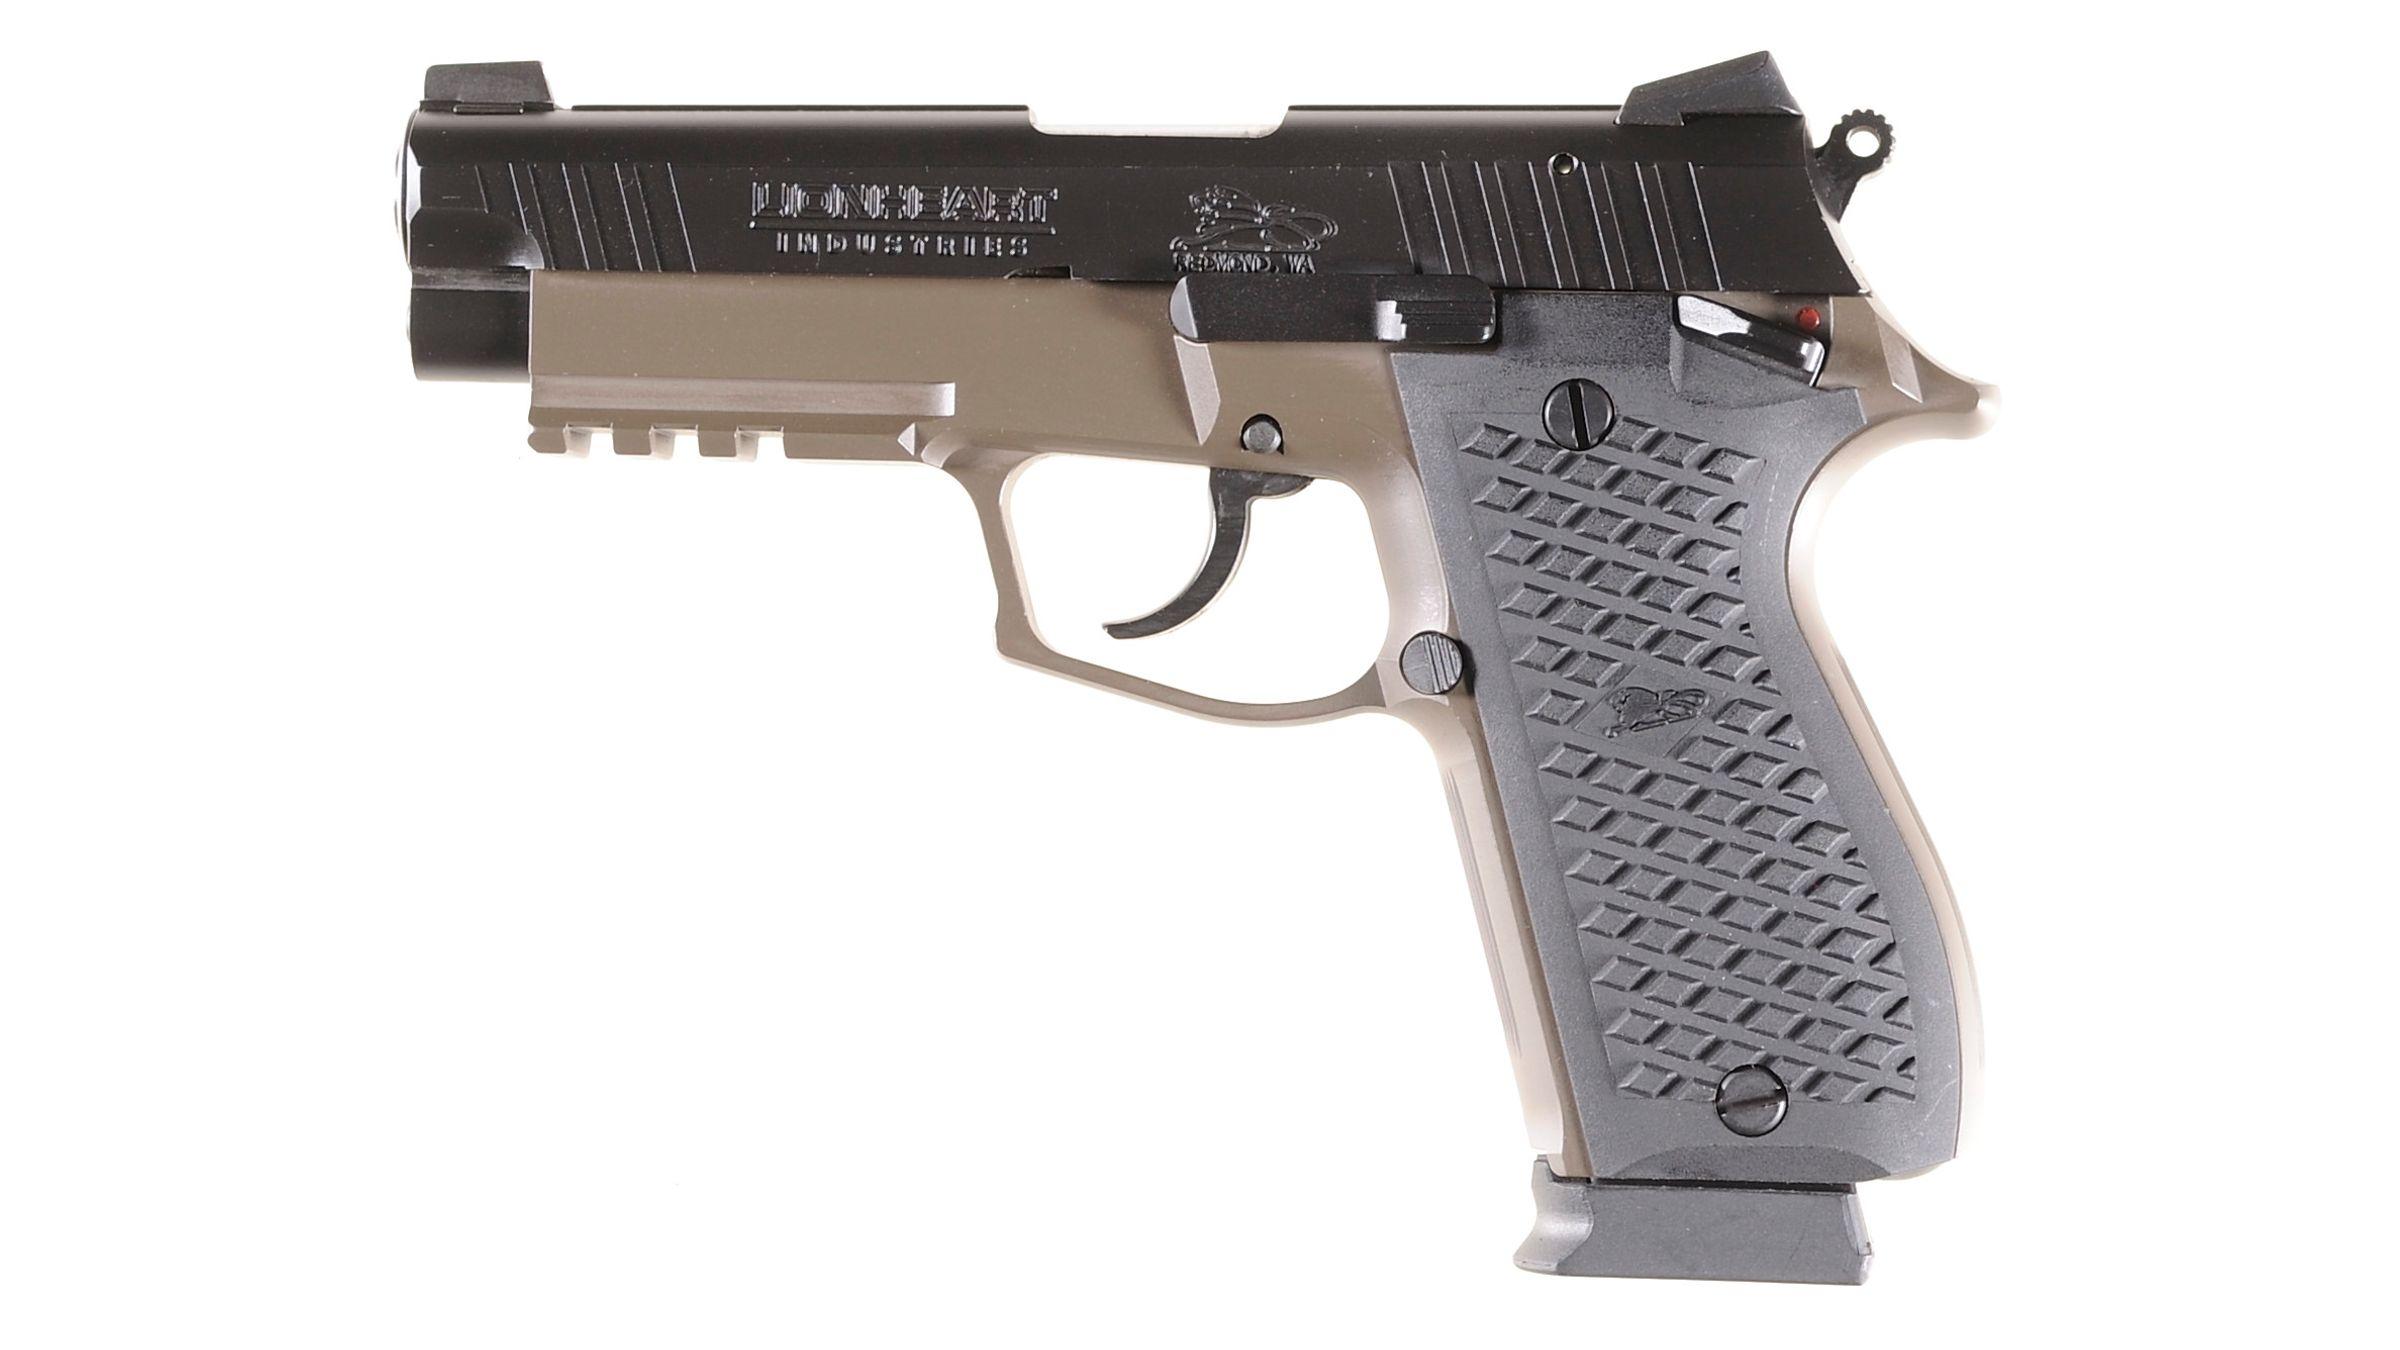 Lionheart Industries LH9 MKII Semi-Automatic Pistol